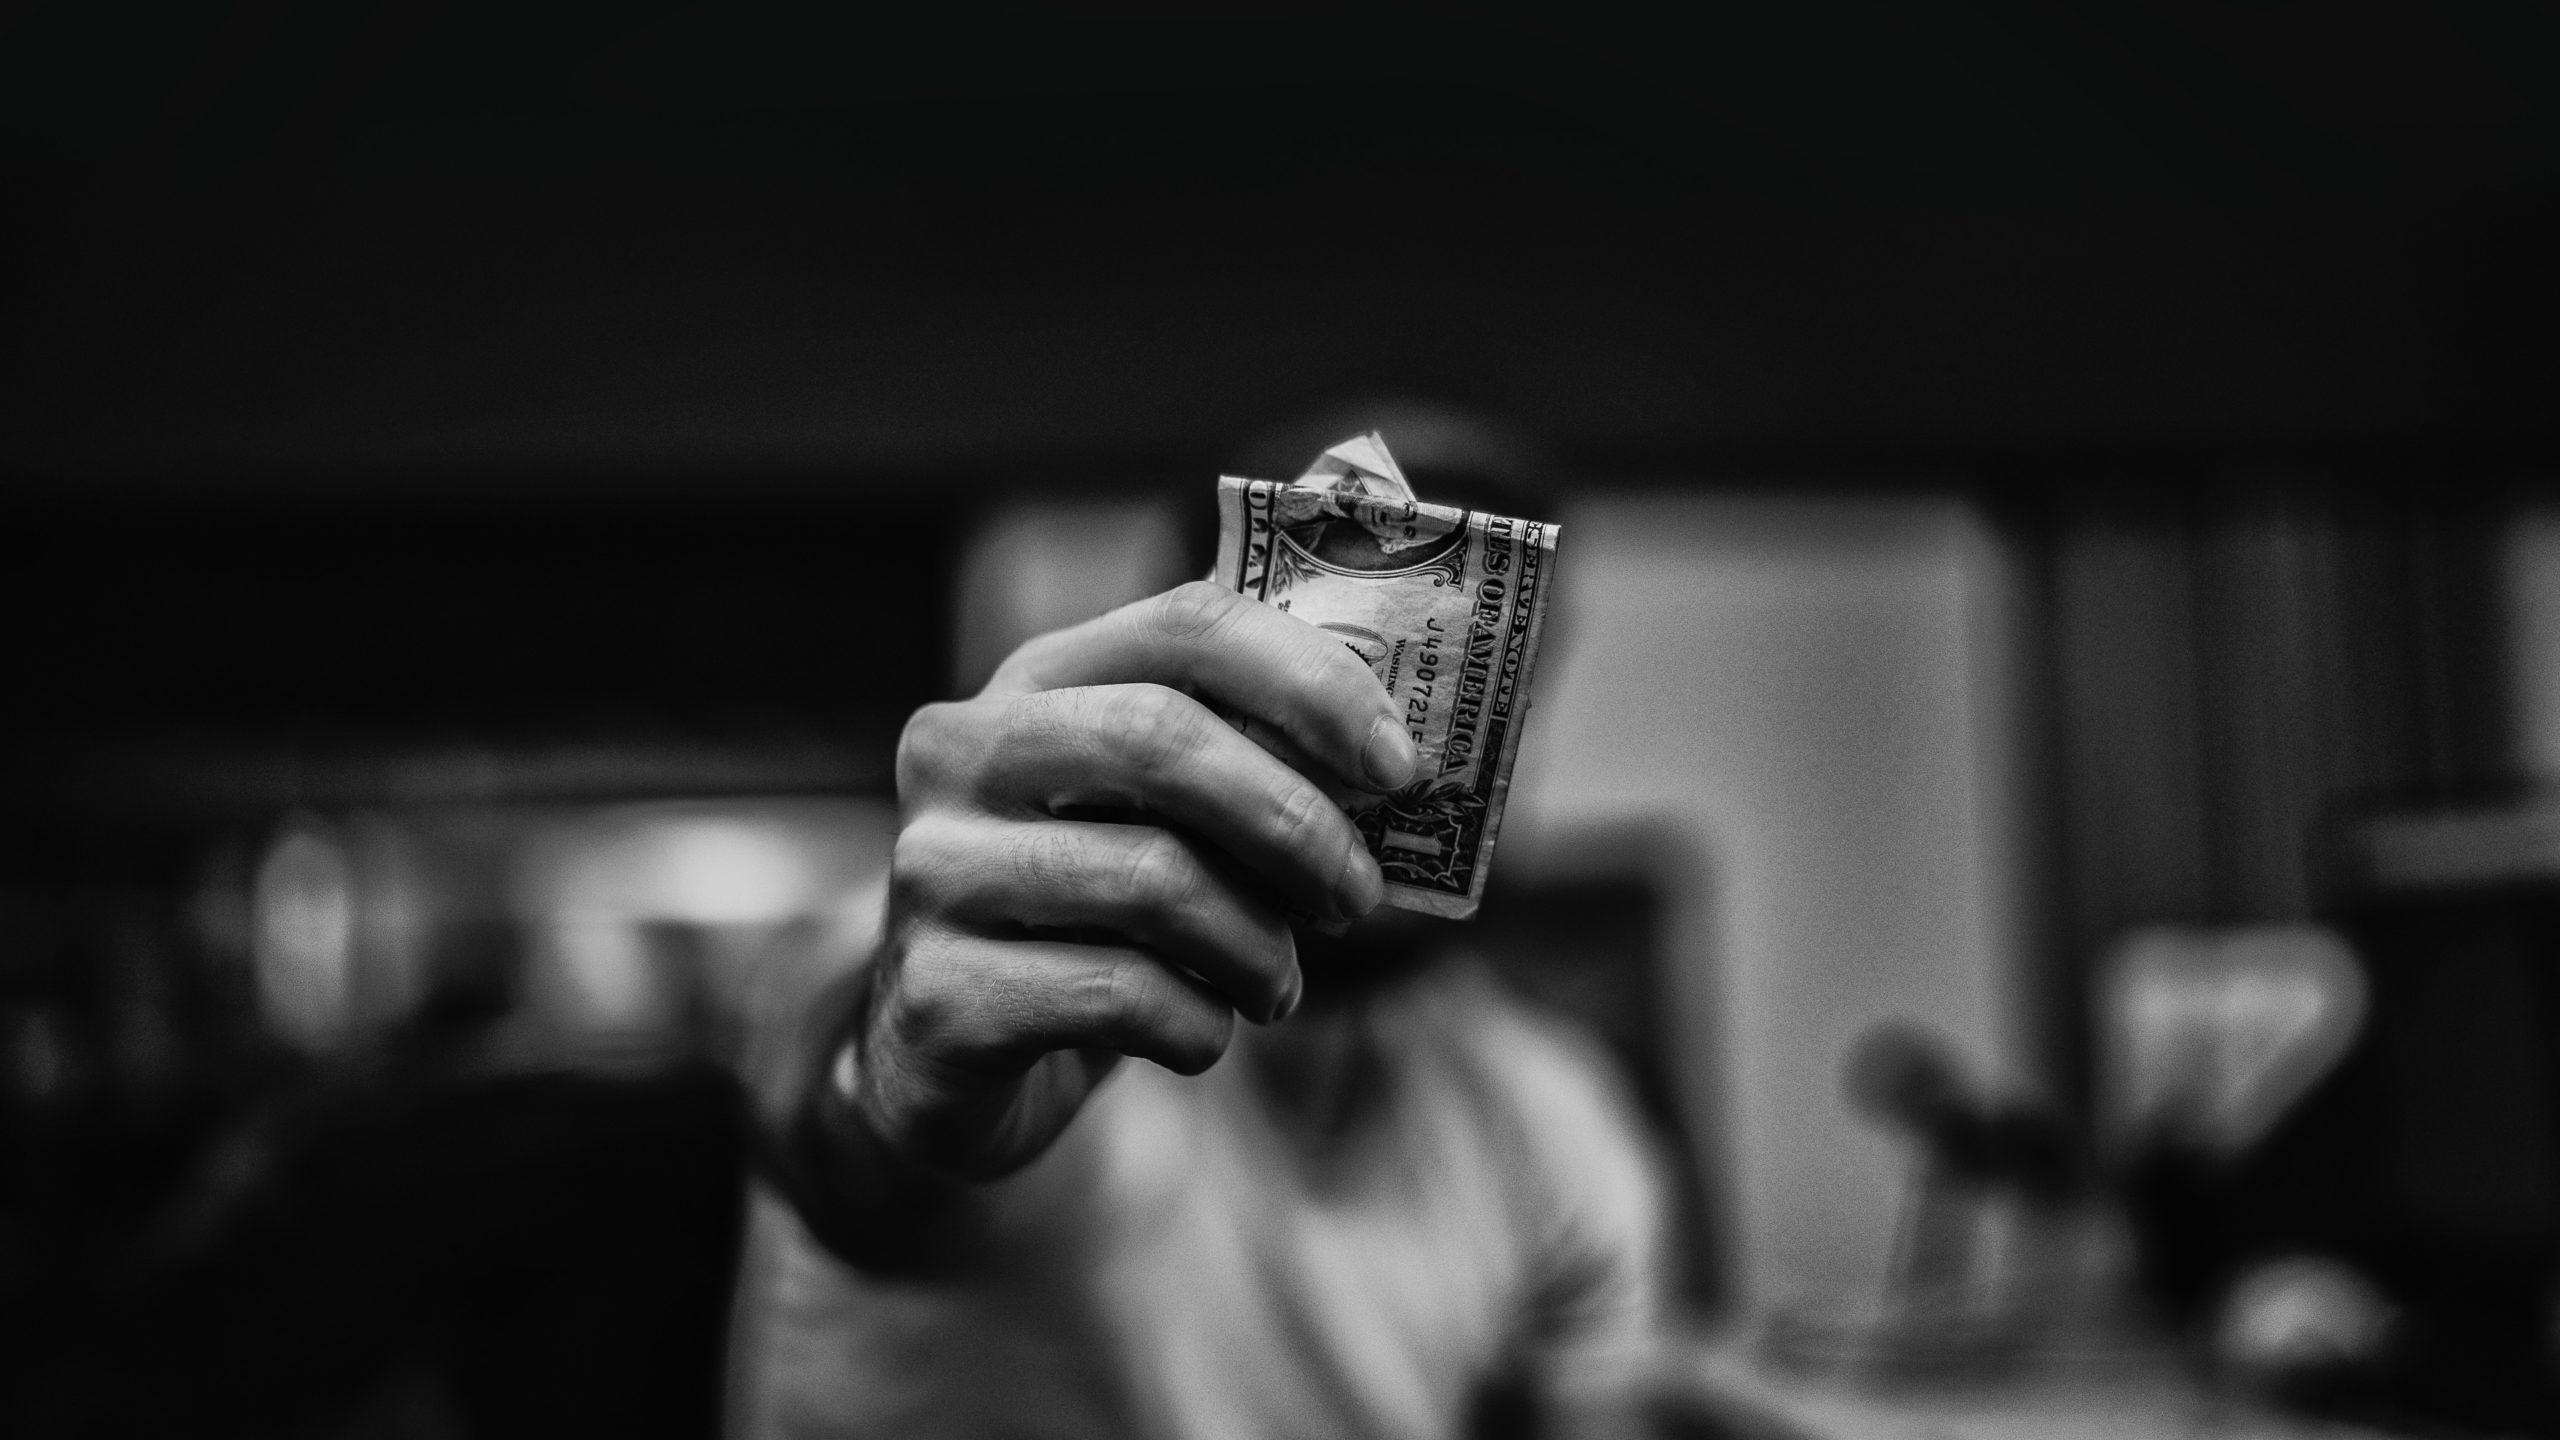 Préstamos con ASNEF: Más riesgos que beneficios